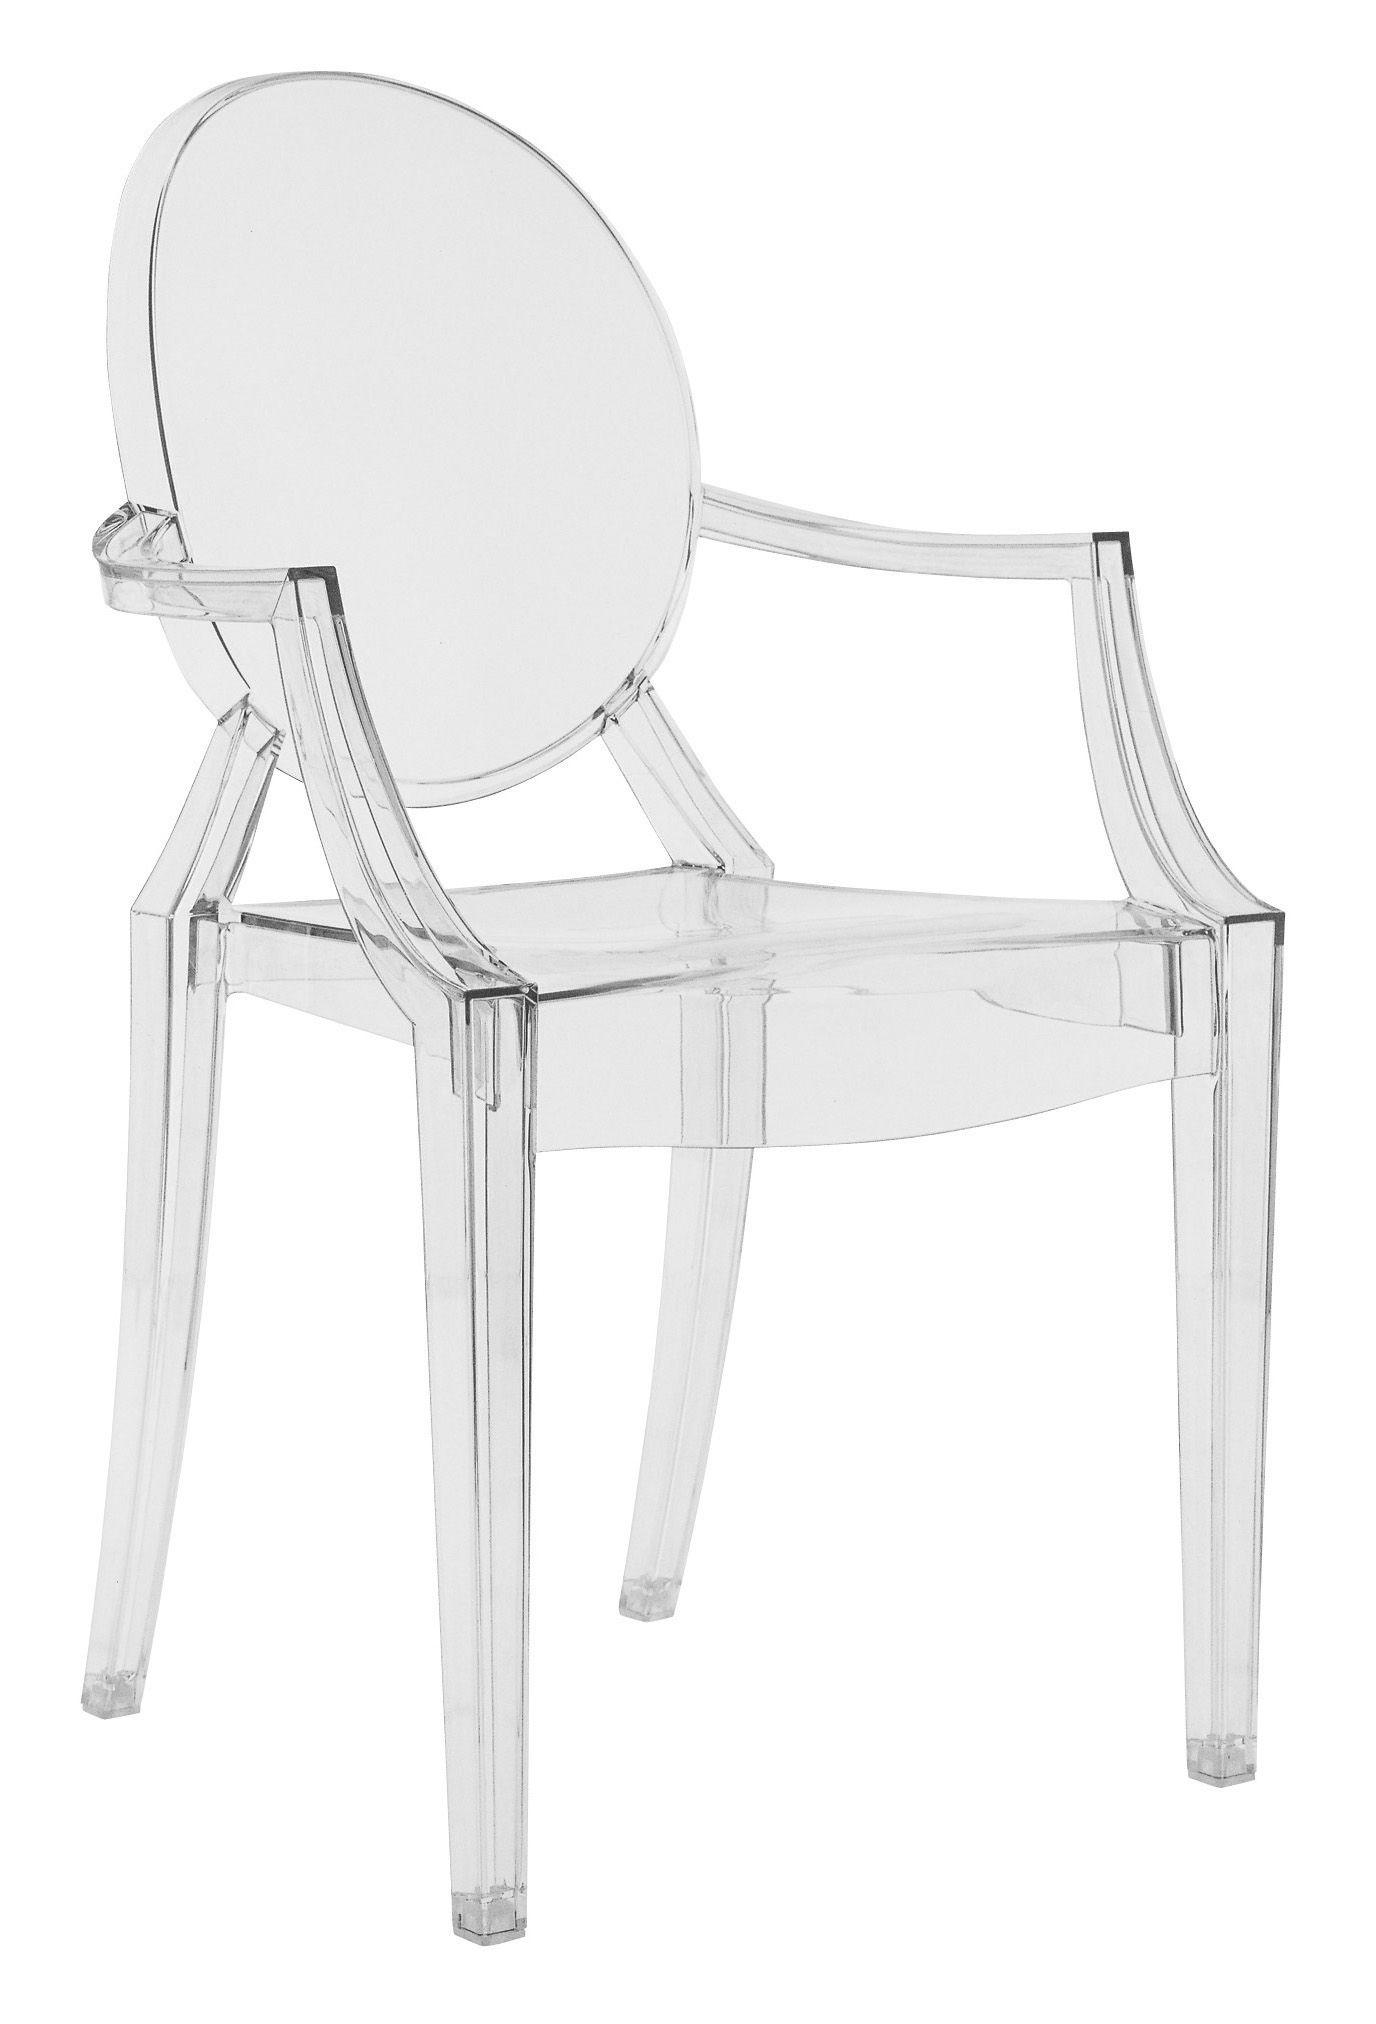 przezroczyste-krzeslo-louis-ghost